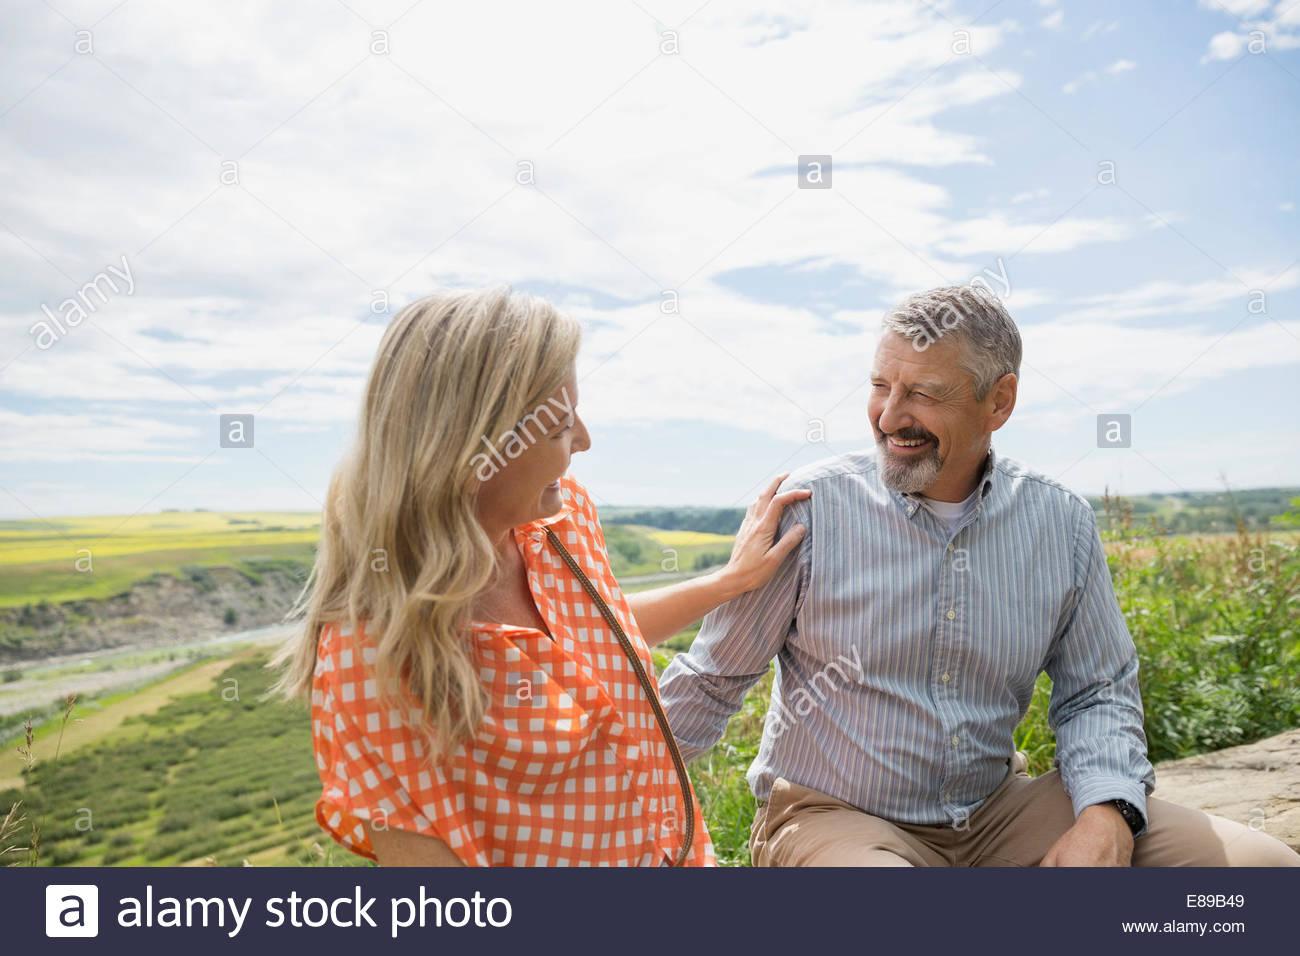 Paar im Freien mit Landschaft im Hintergrund lachen Stockbild